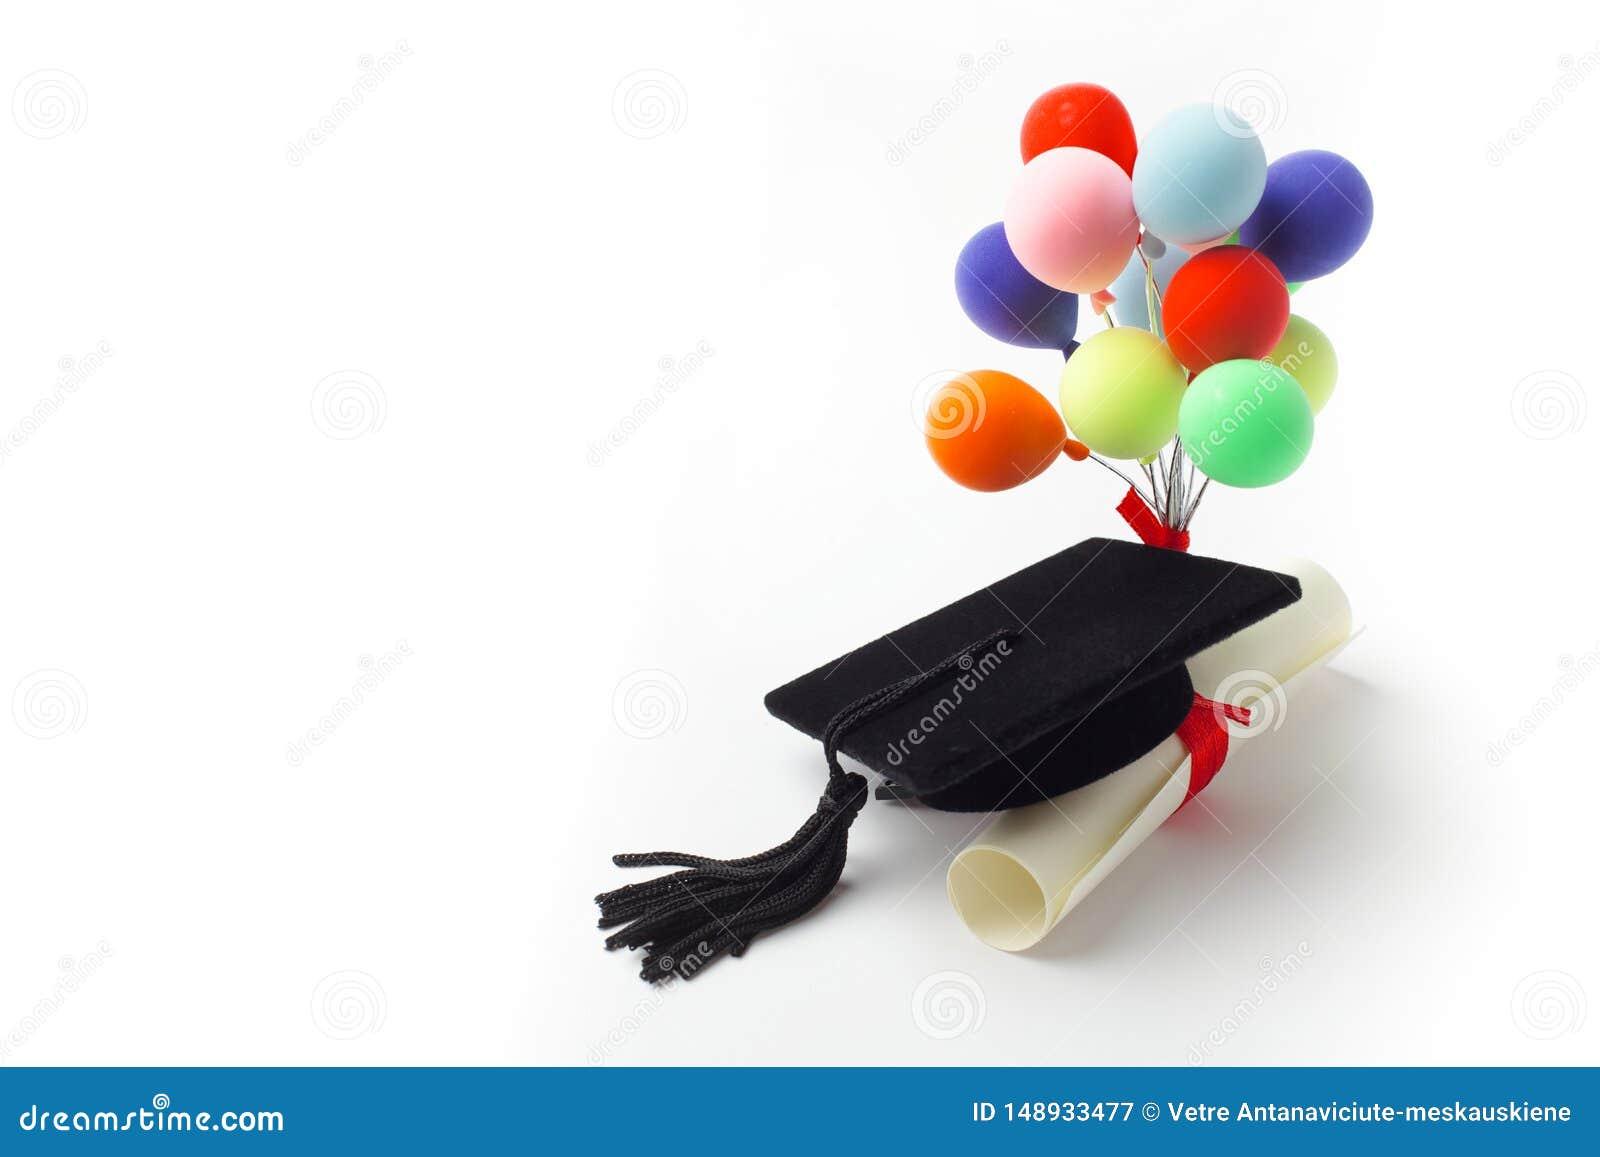 Μαύρη βαθμολόγηση ΚΑΠ, βαθμός και μπαλόνια που απομονώνονται στο άσπρο υπόβαθρο